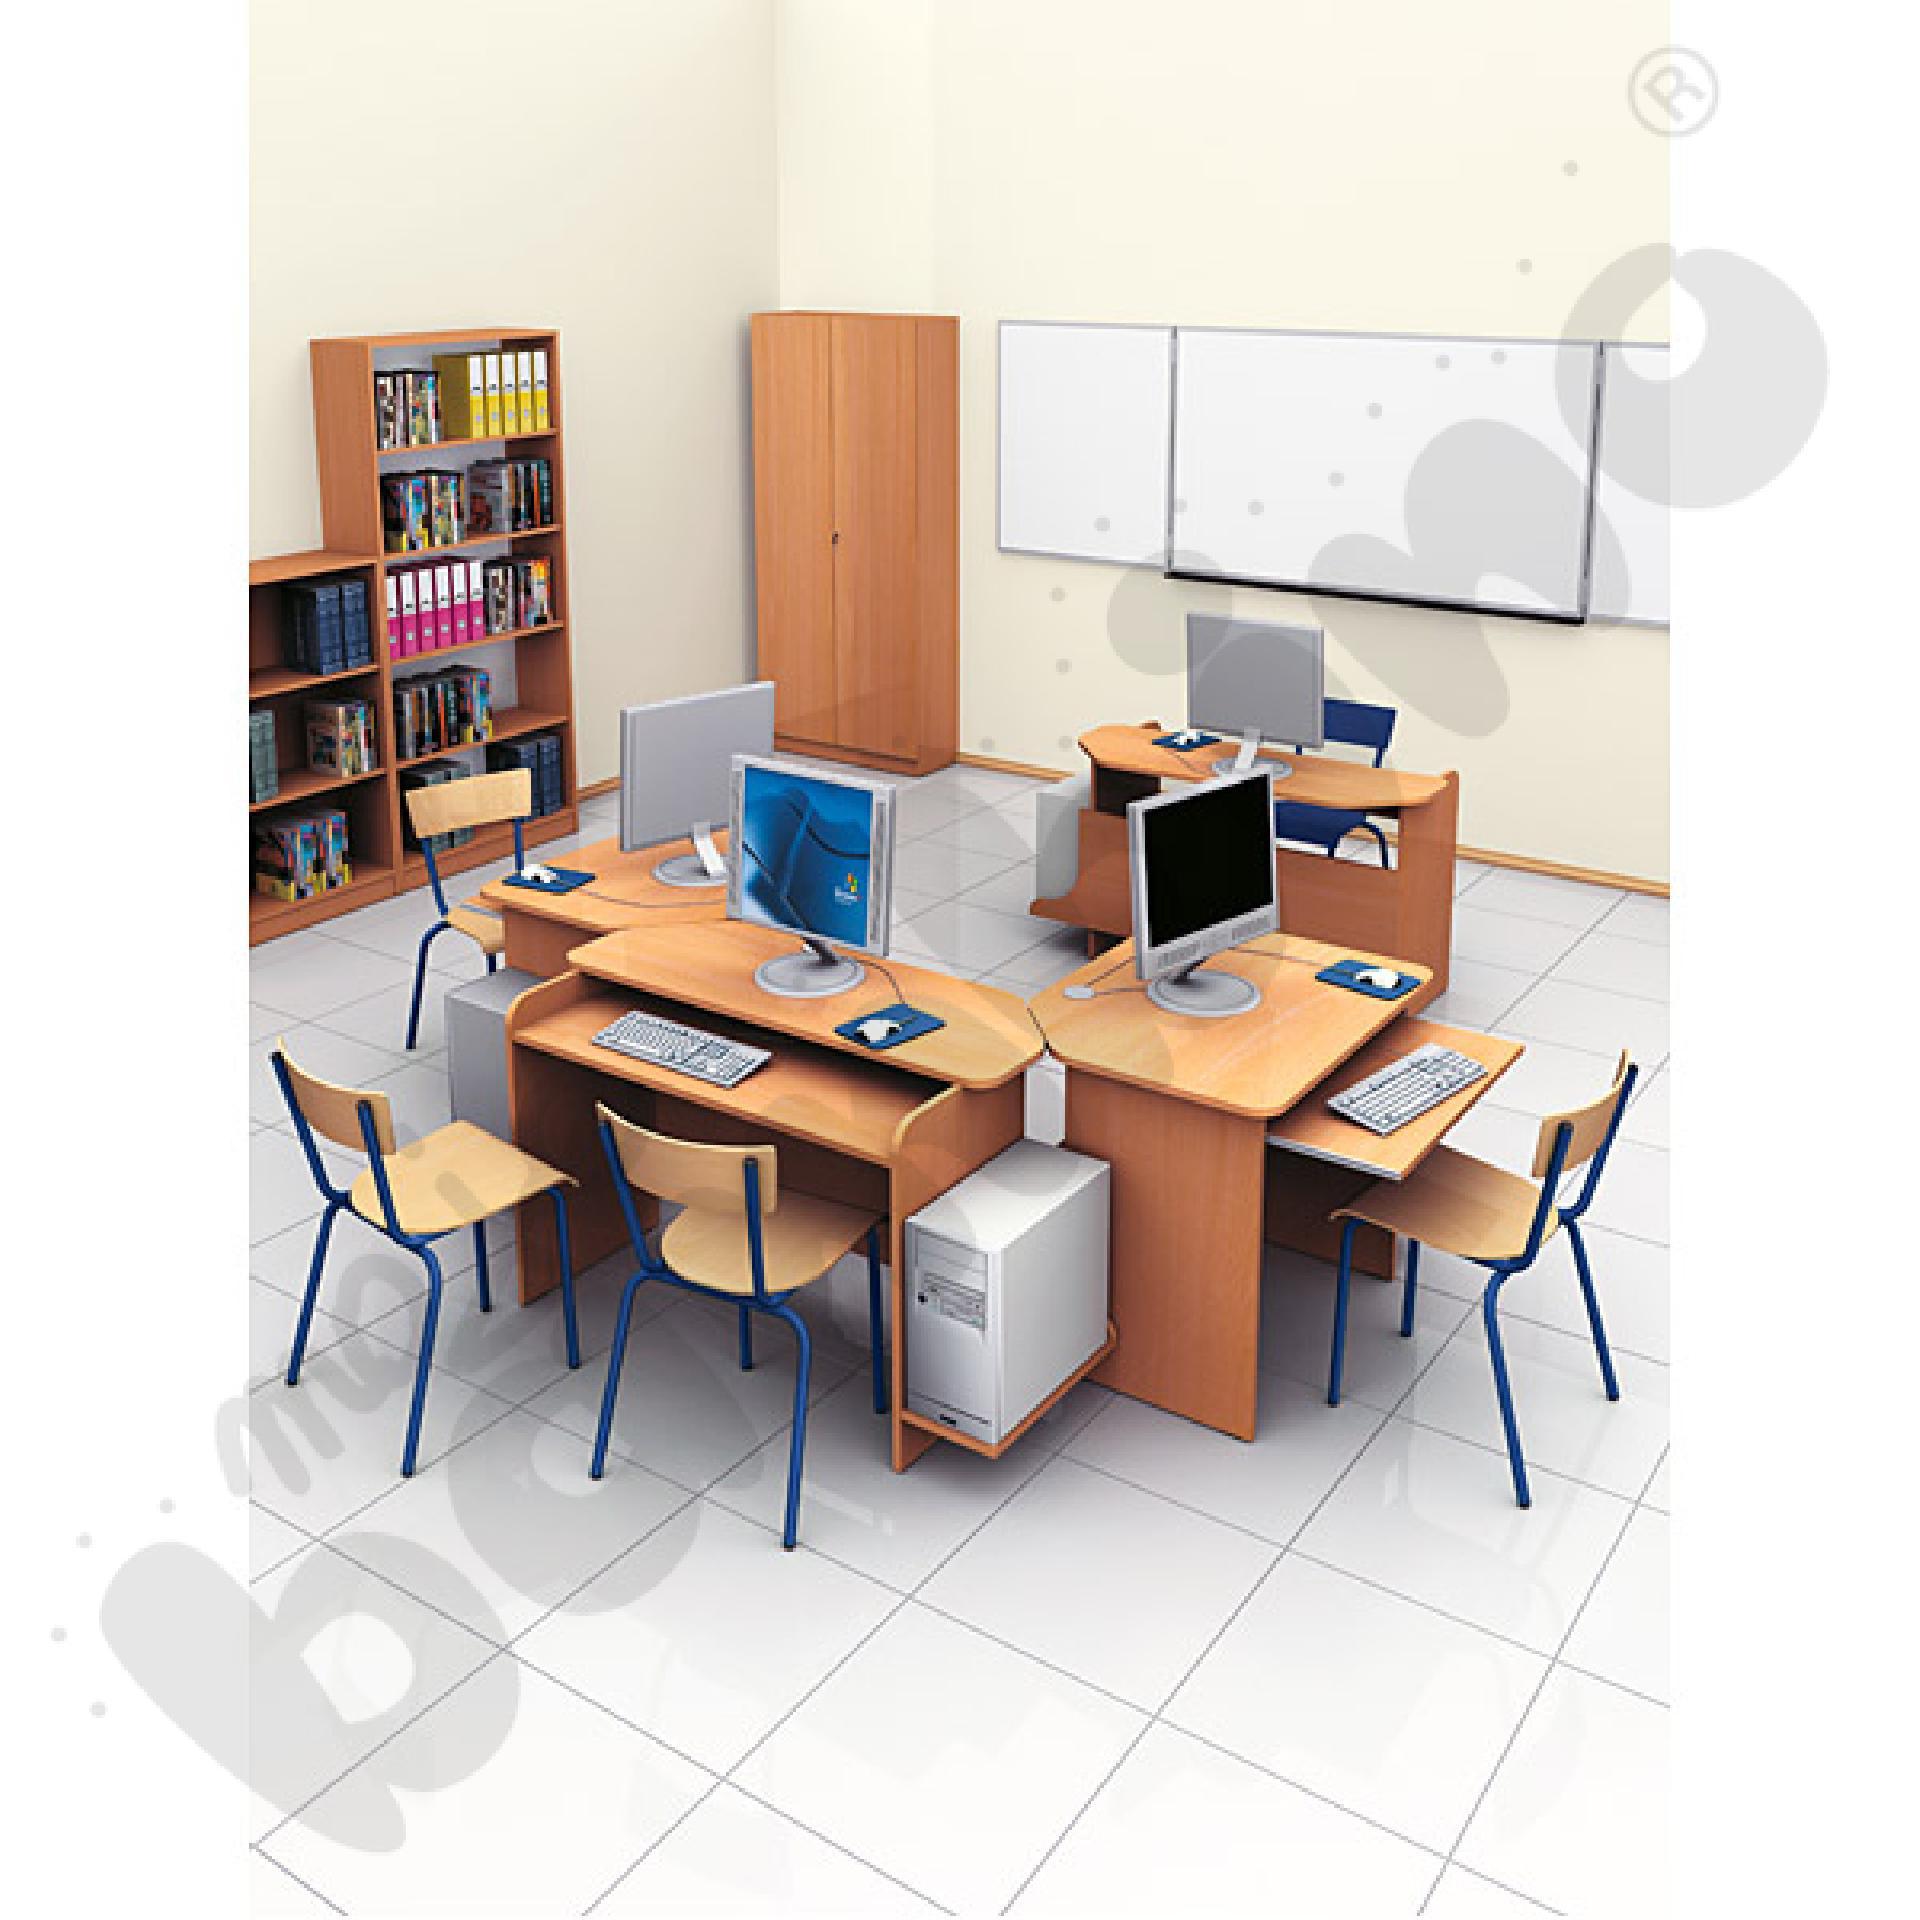 Stolik komputerowy SIMPLEX 1-os. z ruchomą półką na klawiaturę - buk